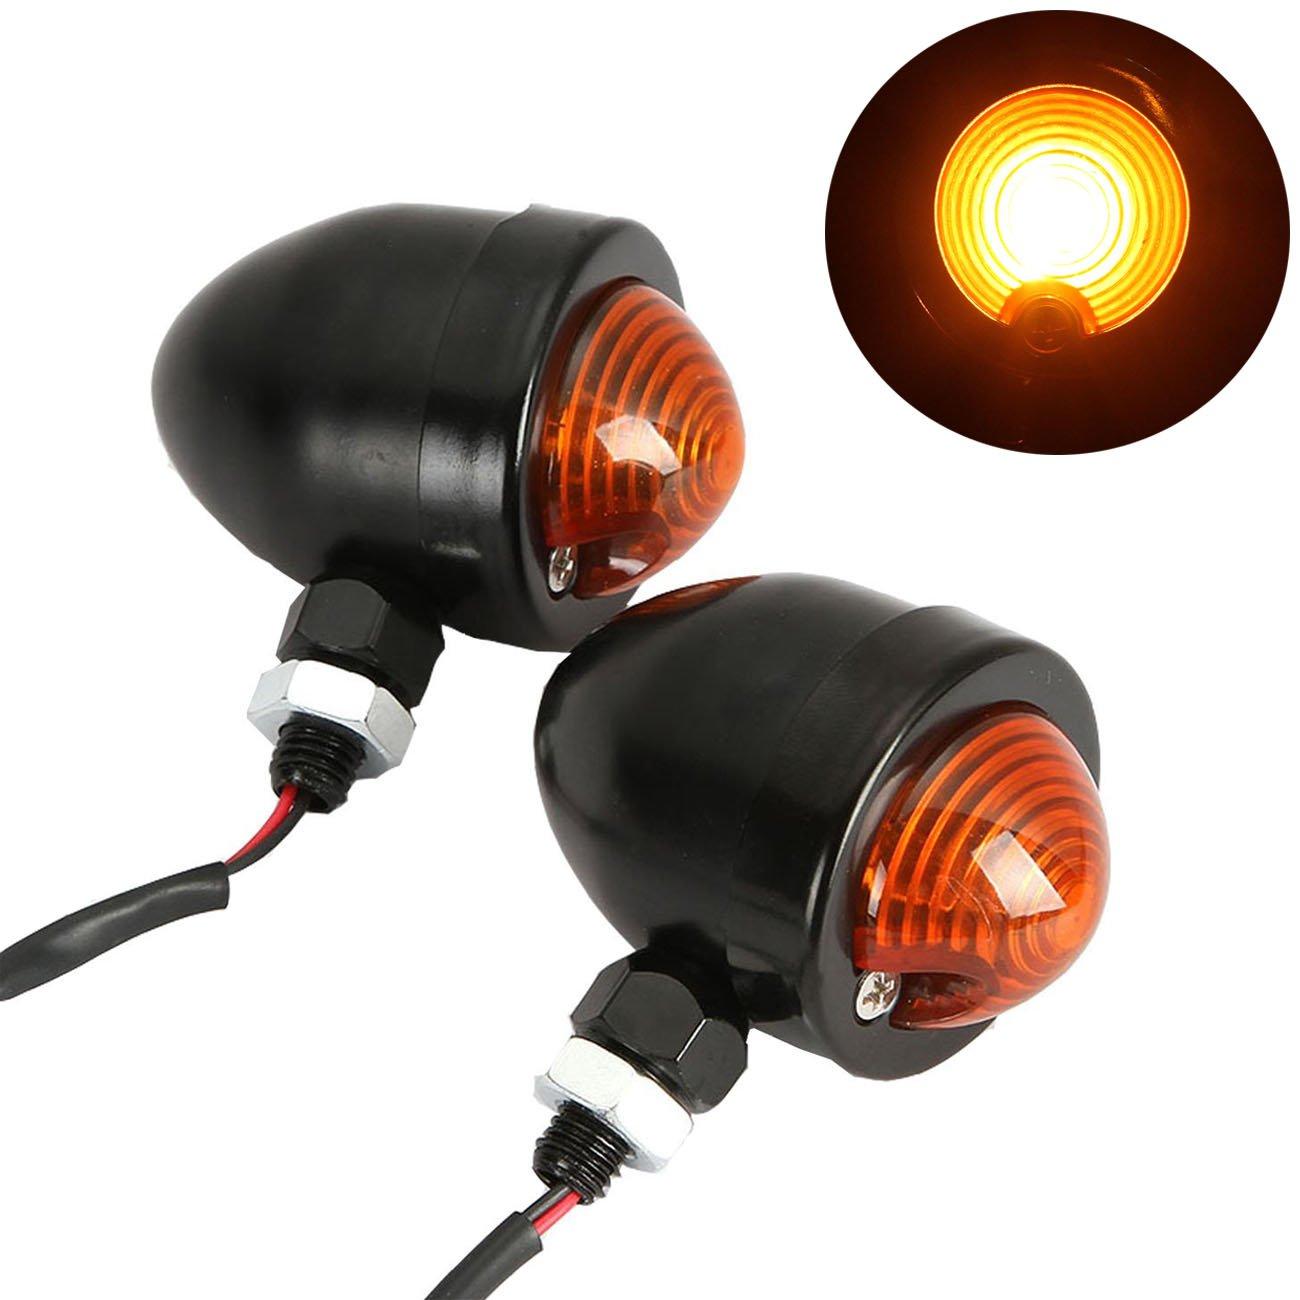 INNOGLOW Motorcycle Bullet LED Turn Signal Lights 2pcs Front Rear Turn Signals Indicator Blinkers Amber Lights for Harley Honda Yamaha Suzuki Kawasaki